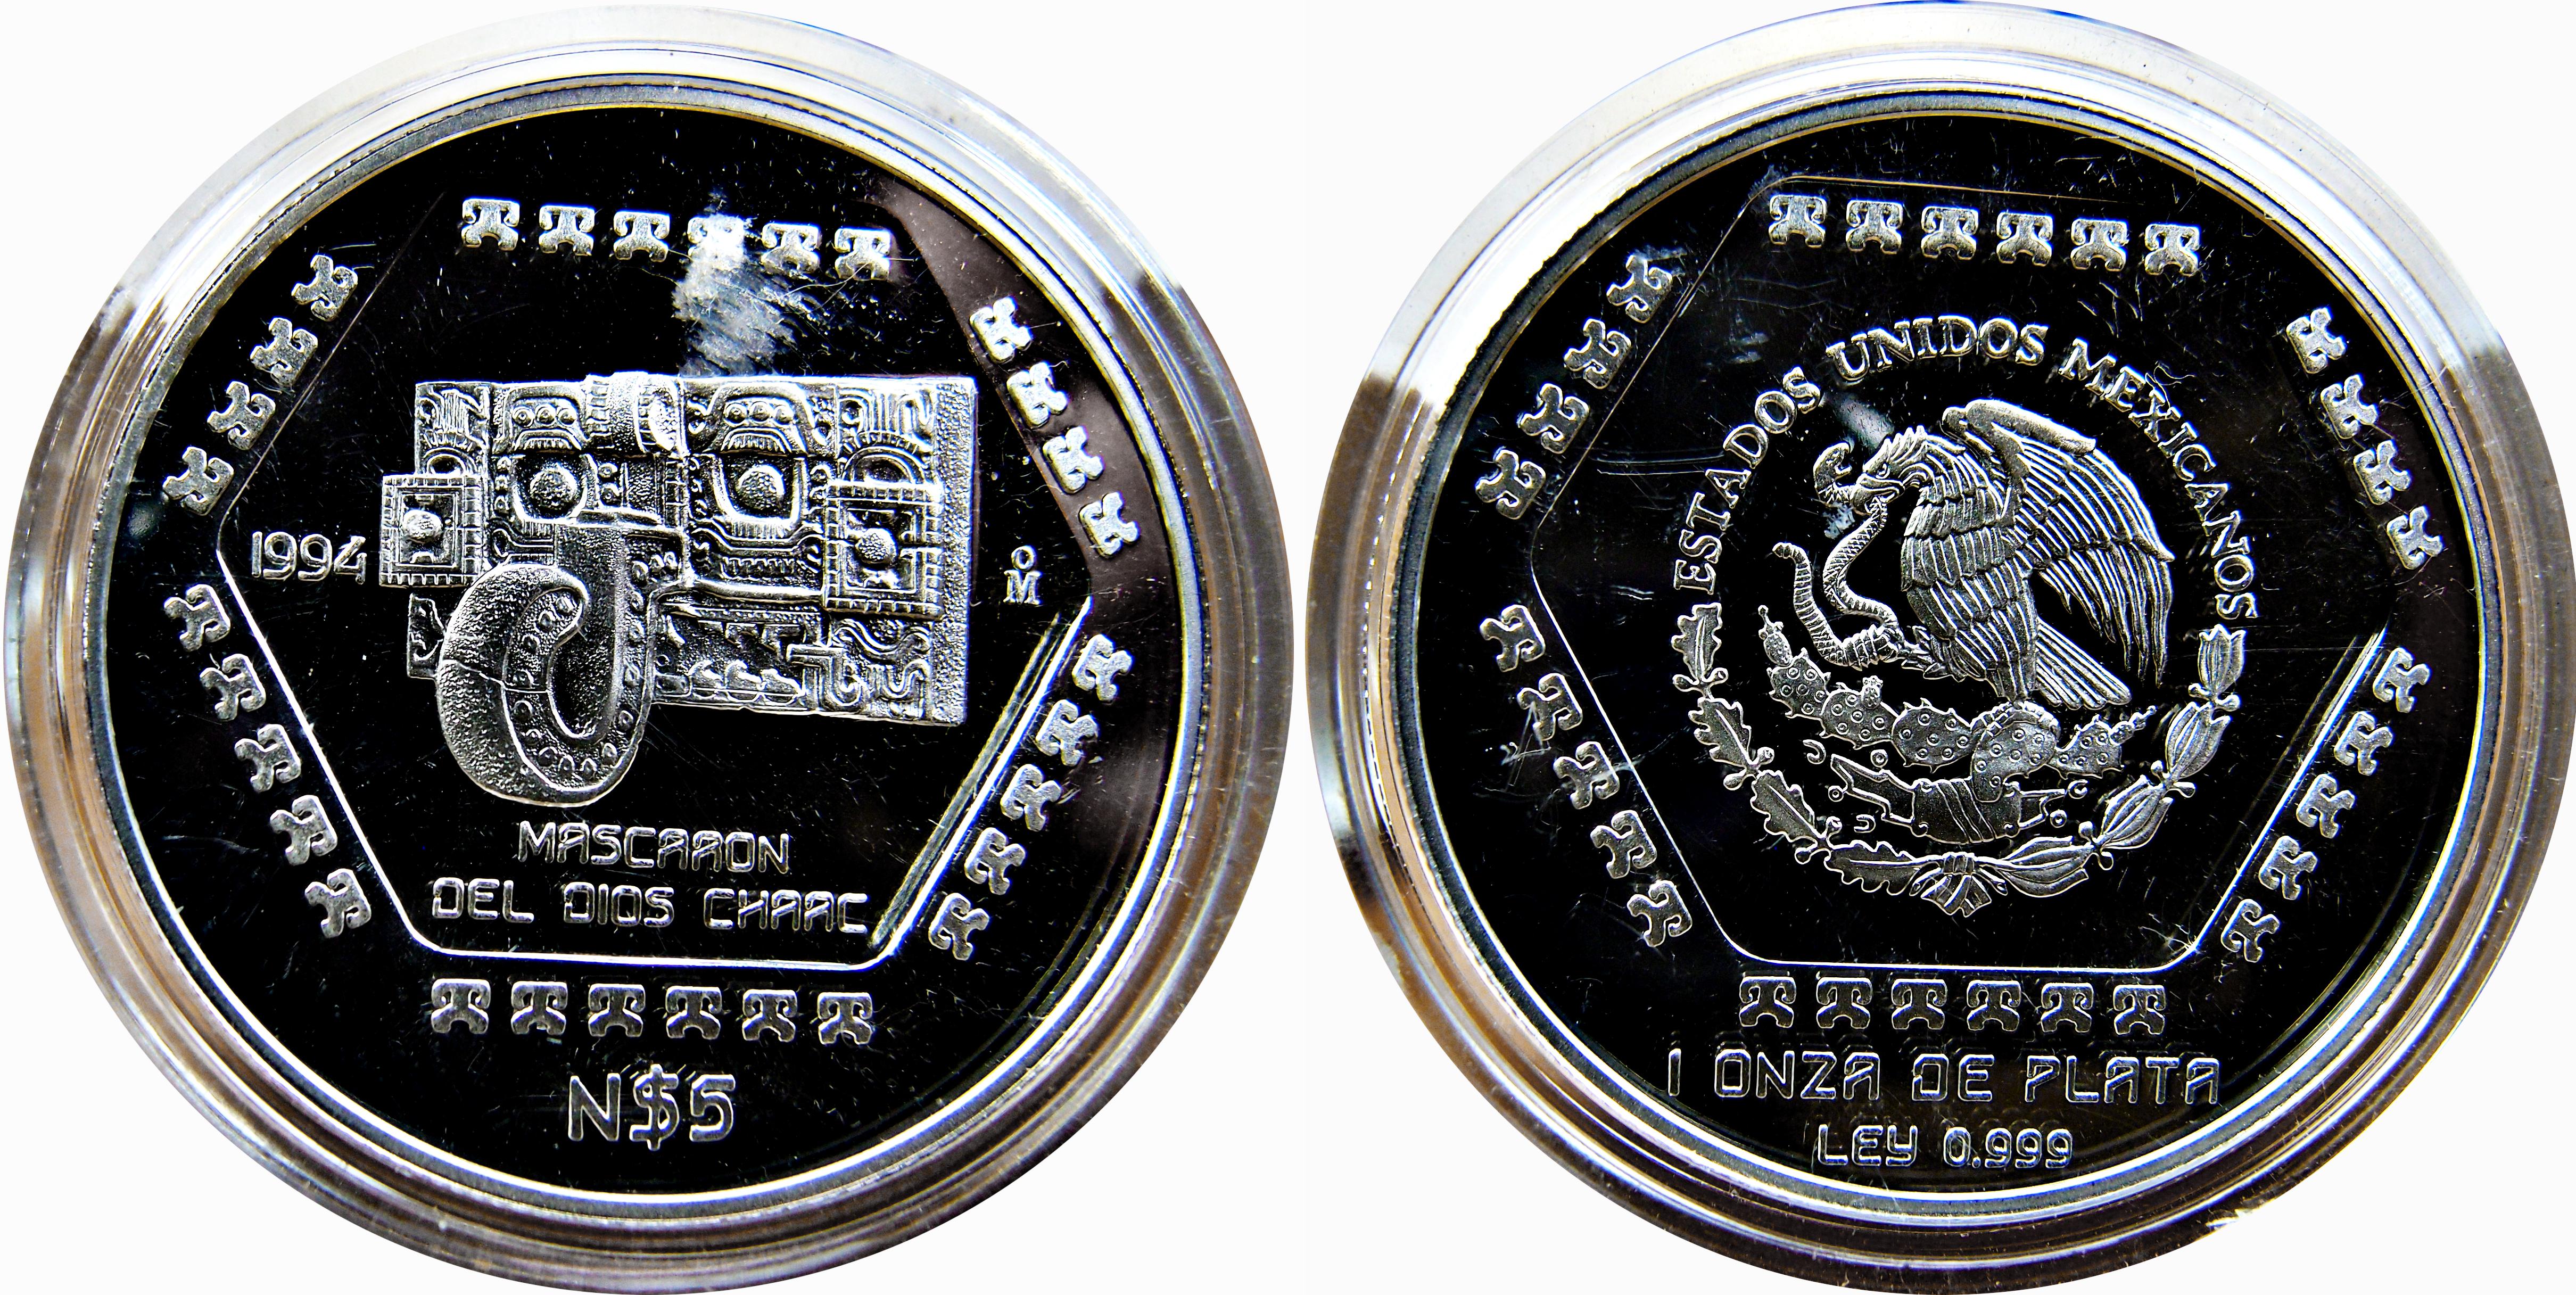 Colección Precolombina de onzas de plata del Banco de Mexico 12124385566_d354d02b17_o